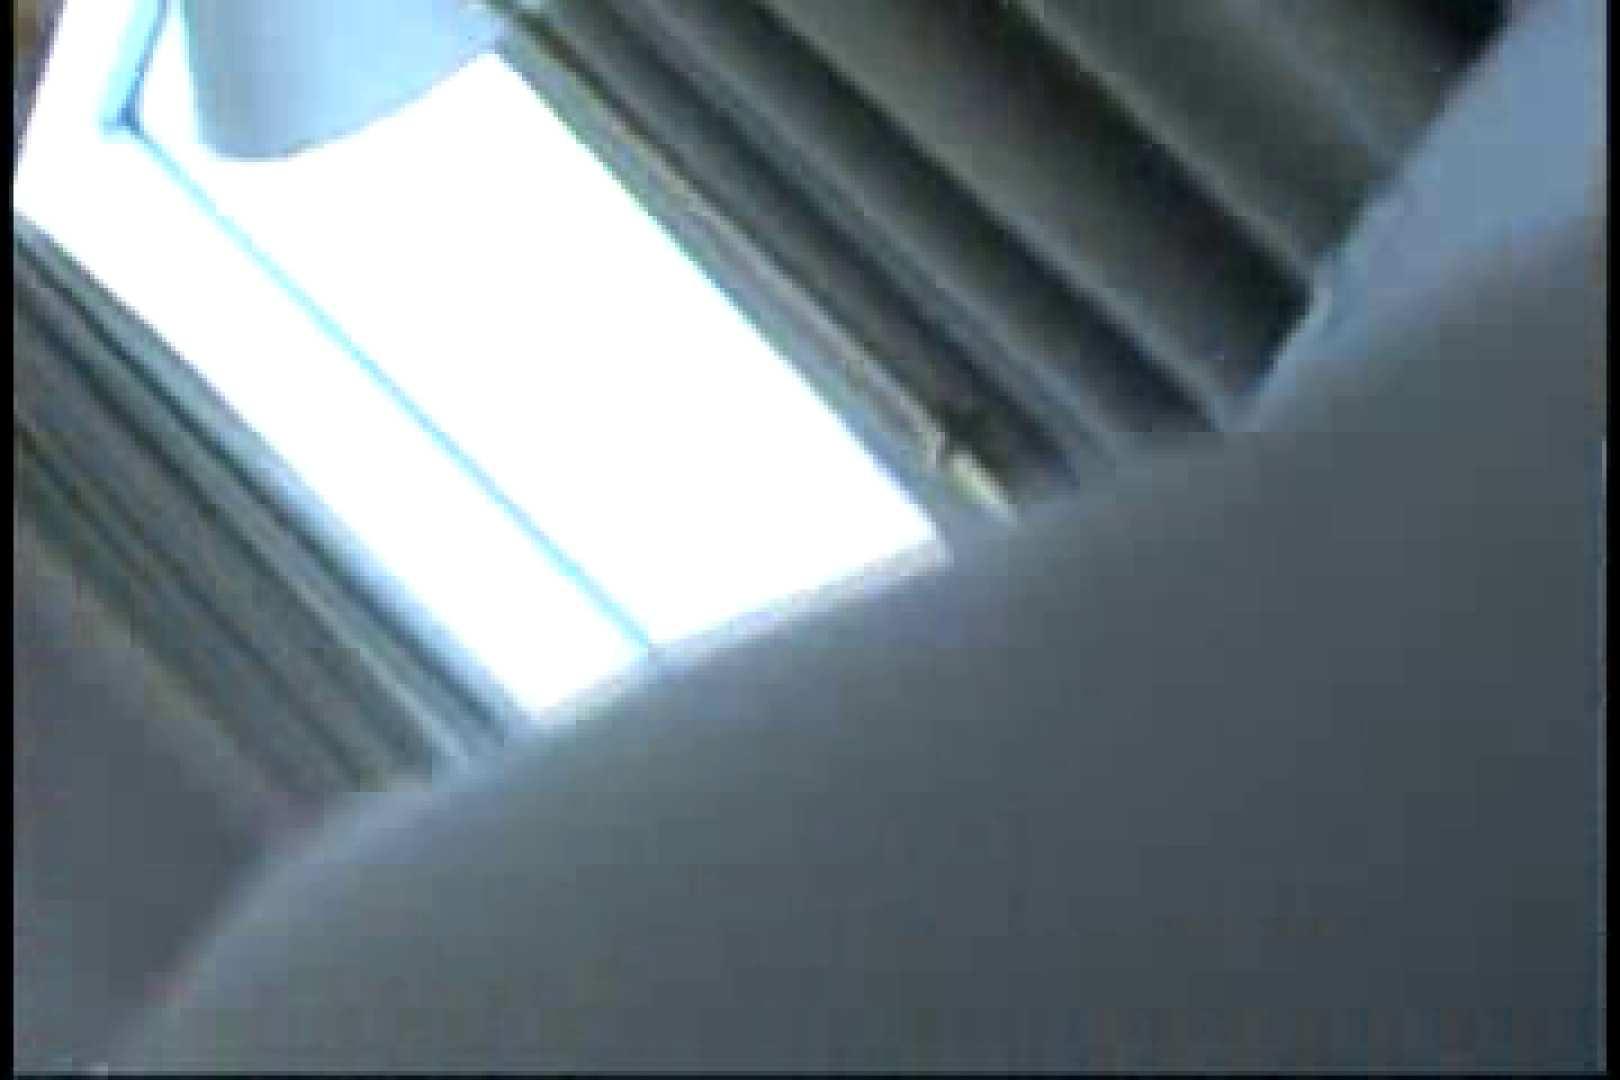 三ッ星シリーズ!!イケメン羞恥心File.07 ゲイのオナニー映像 | フェラ天国  67枚 41